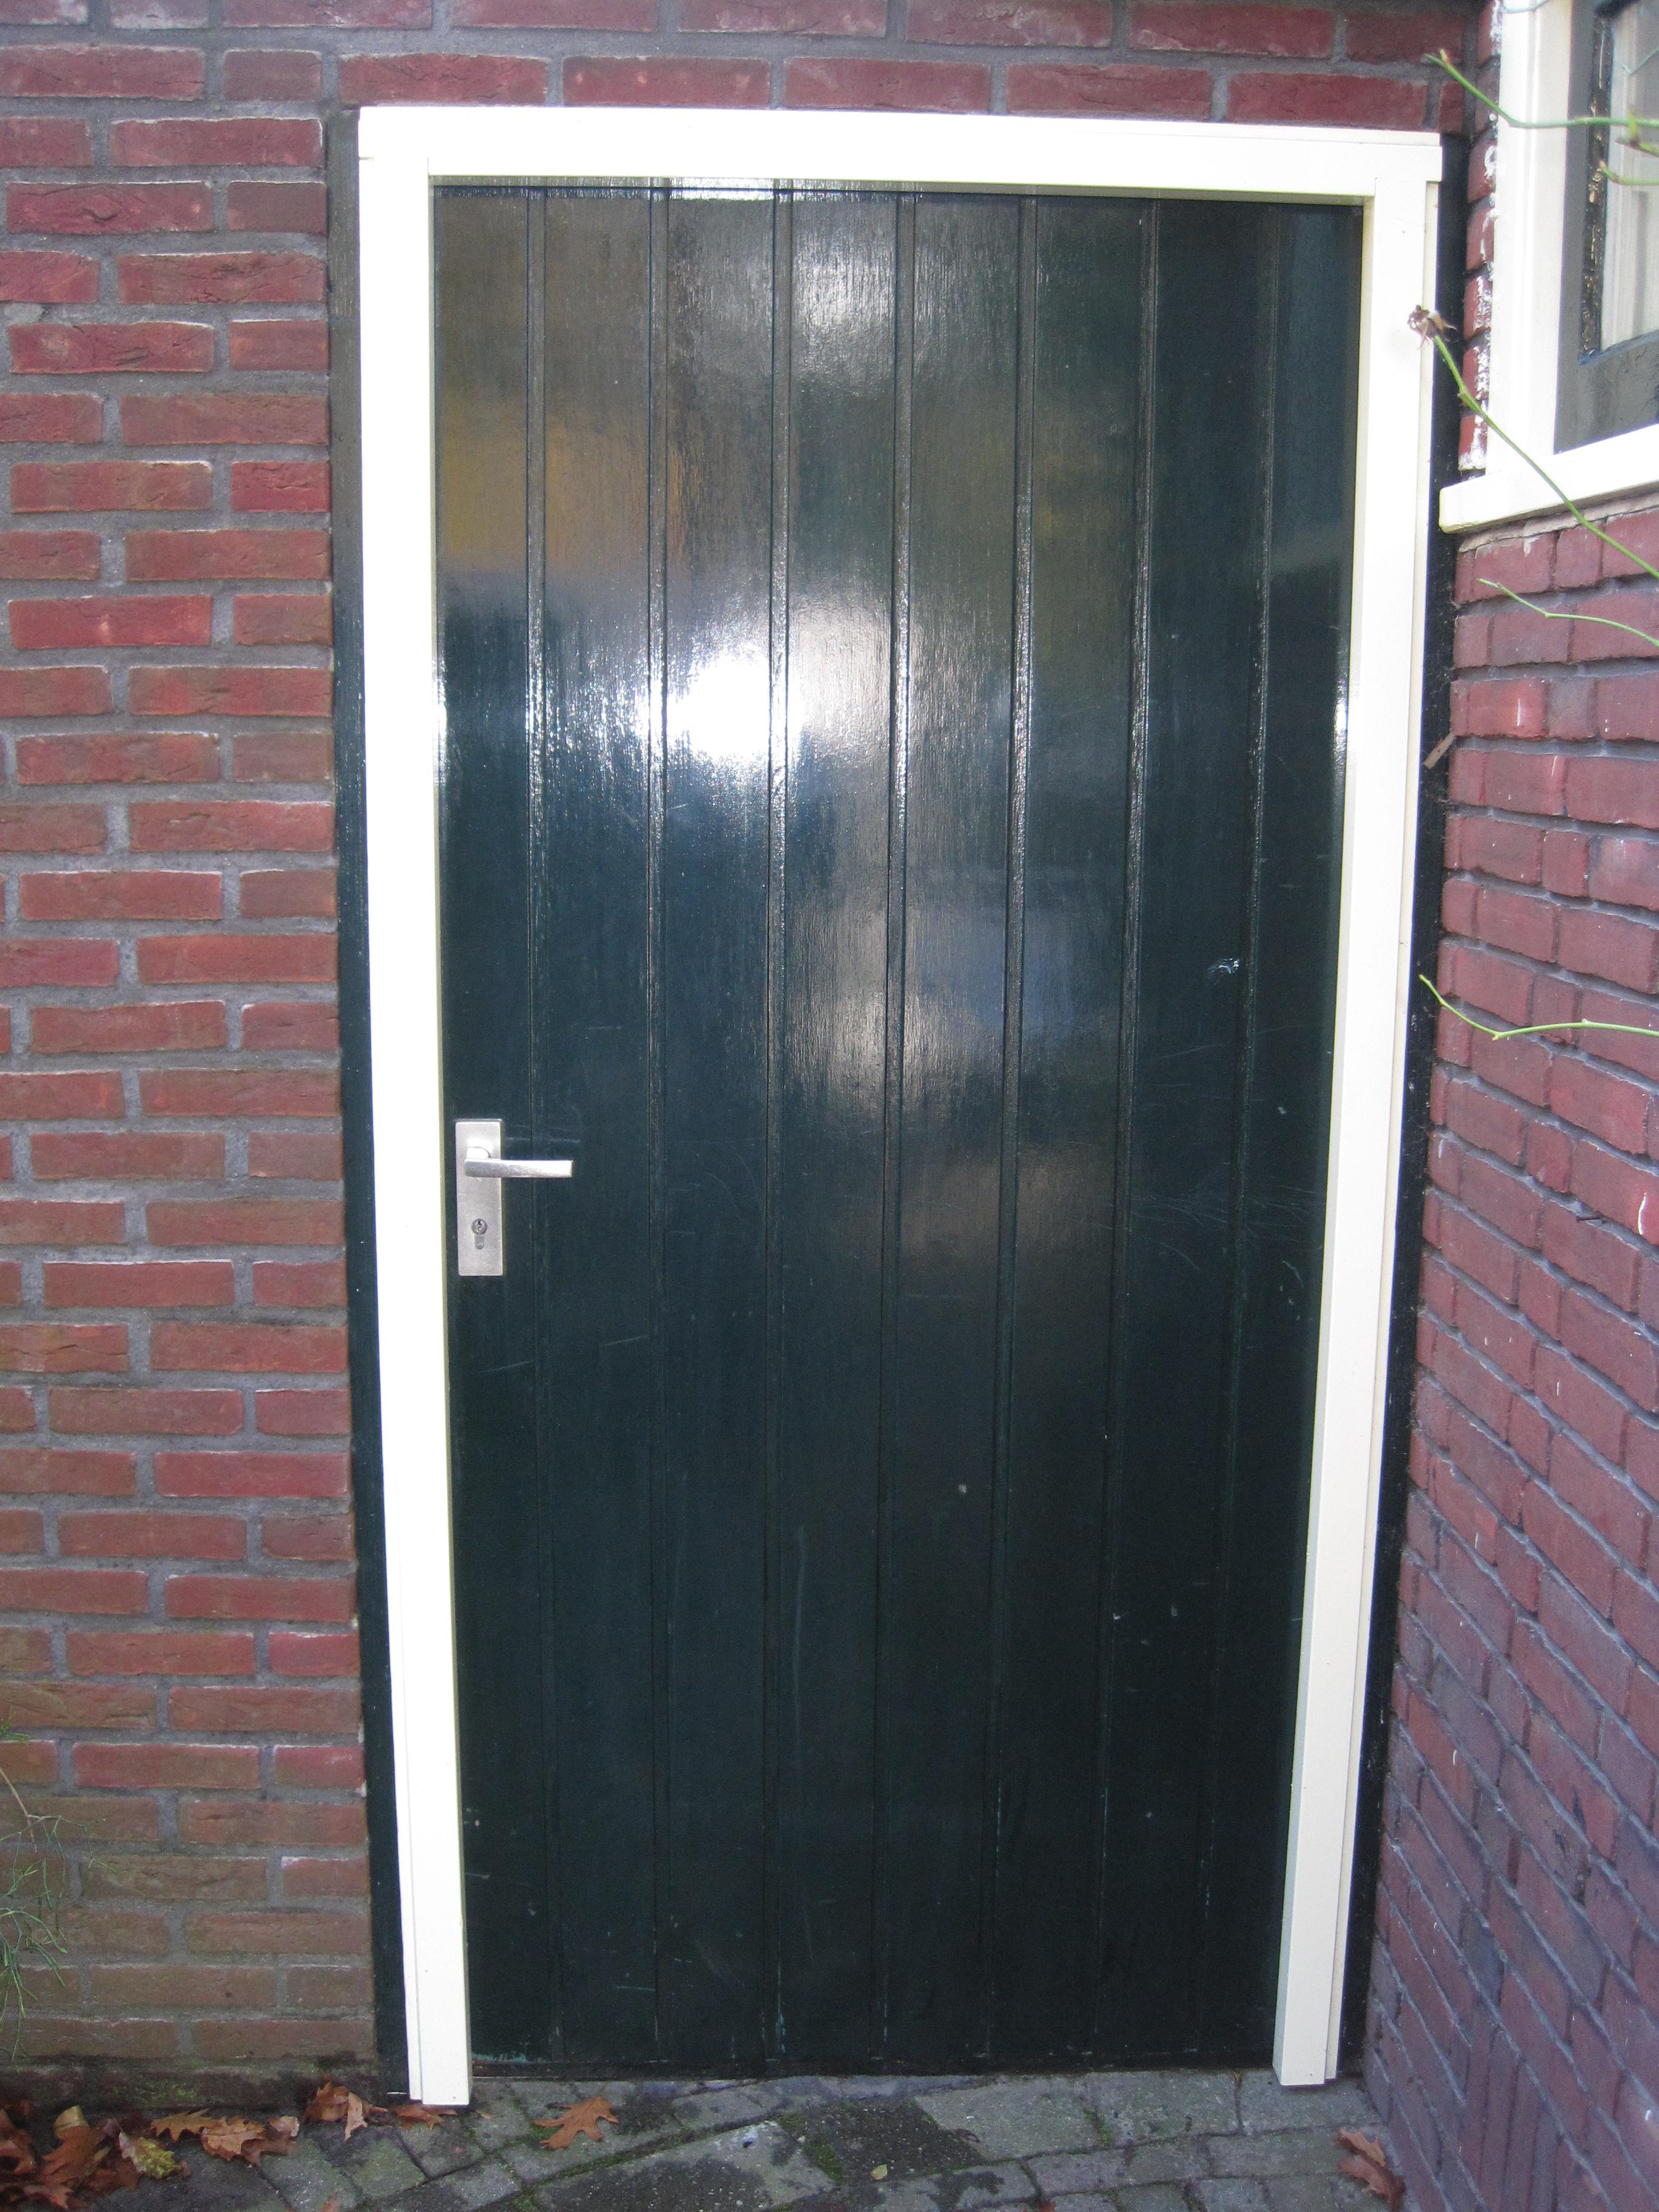 Multiplex poort deur met ingevreesde sleuven